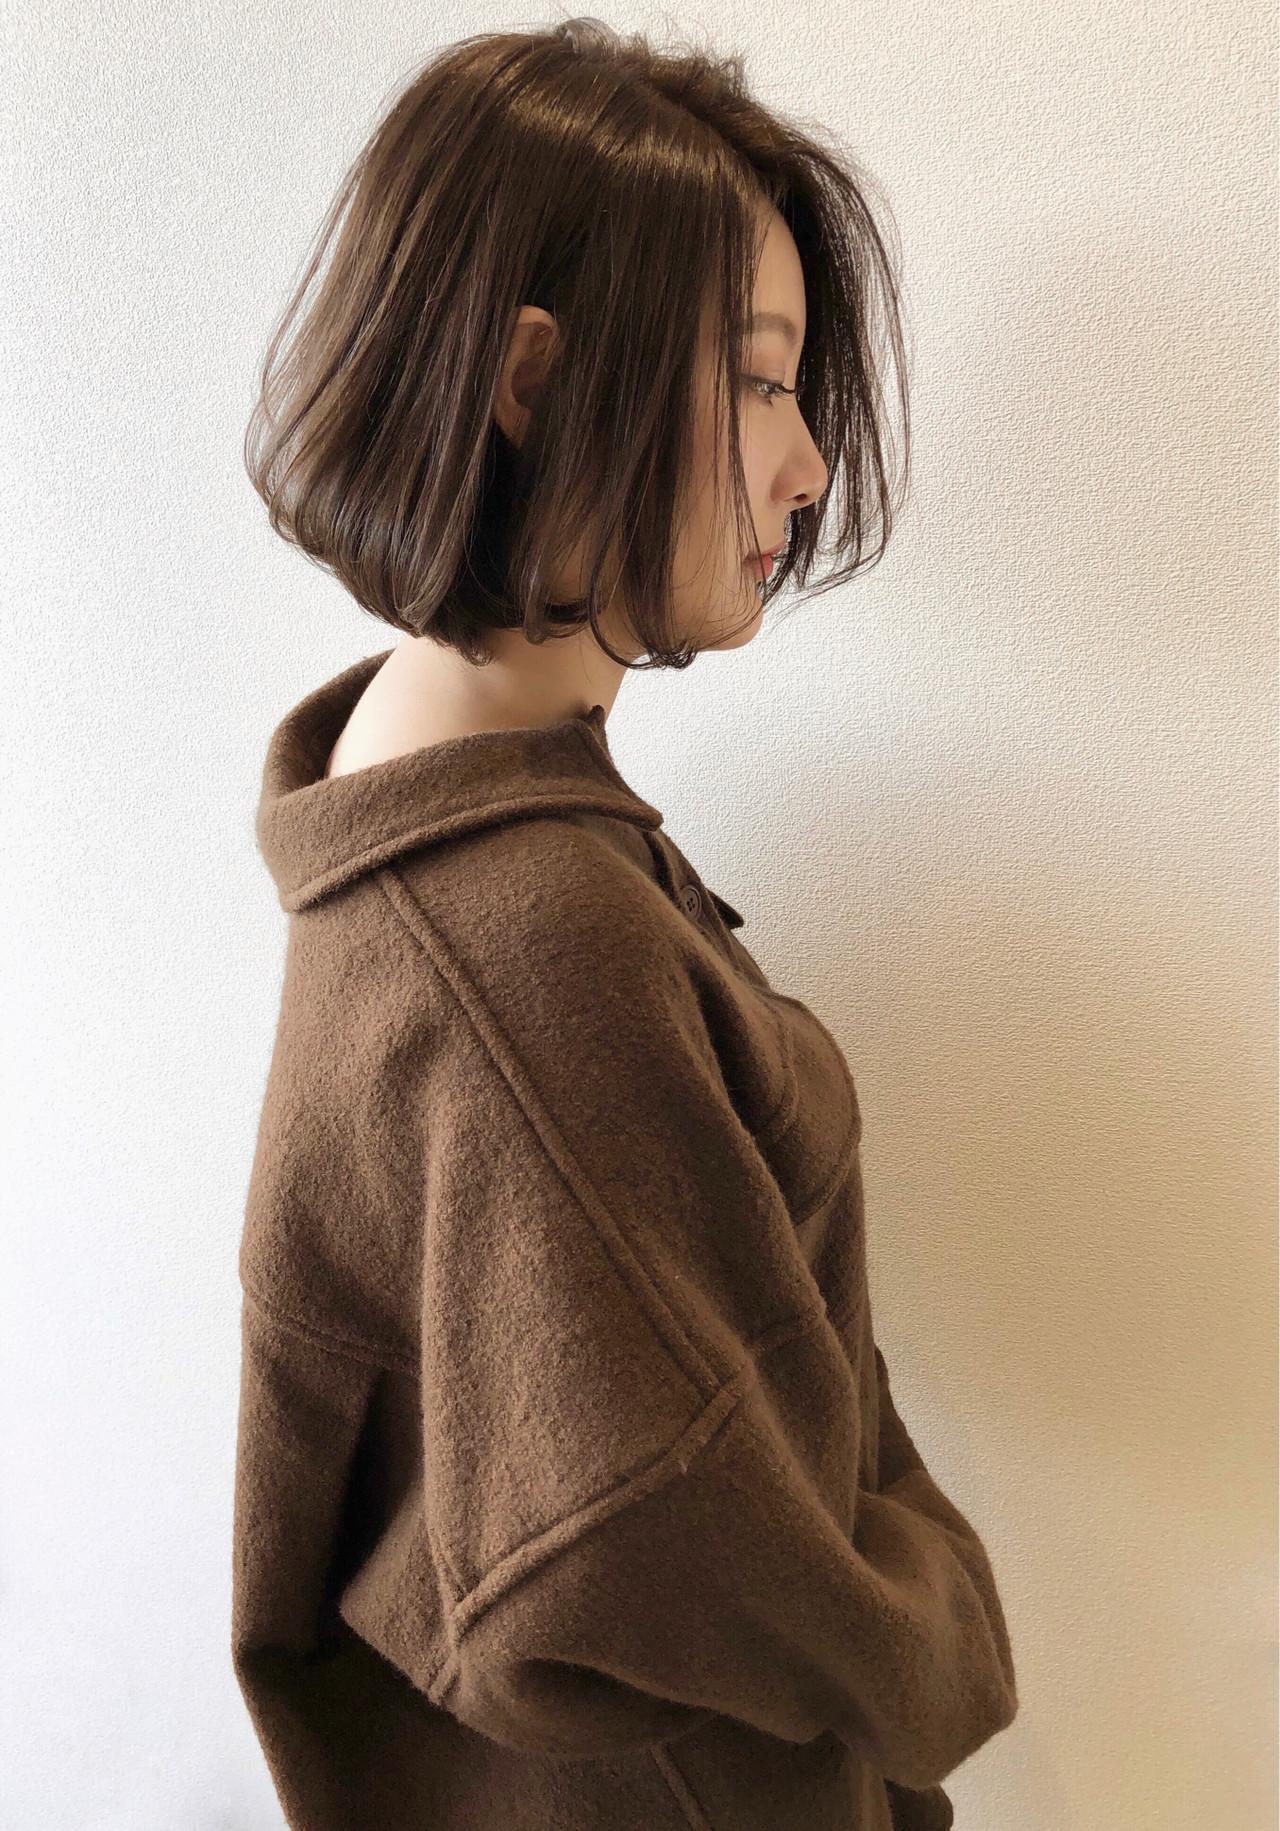 秋冬スタイル 大人グラボブ まとまるボブ ナチュラル ヘアスタイルや髪型の写真・画像